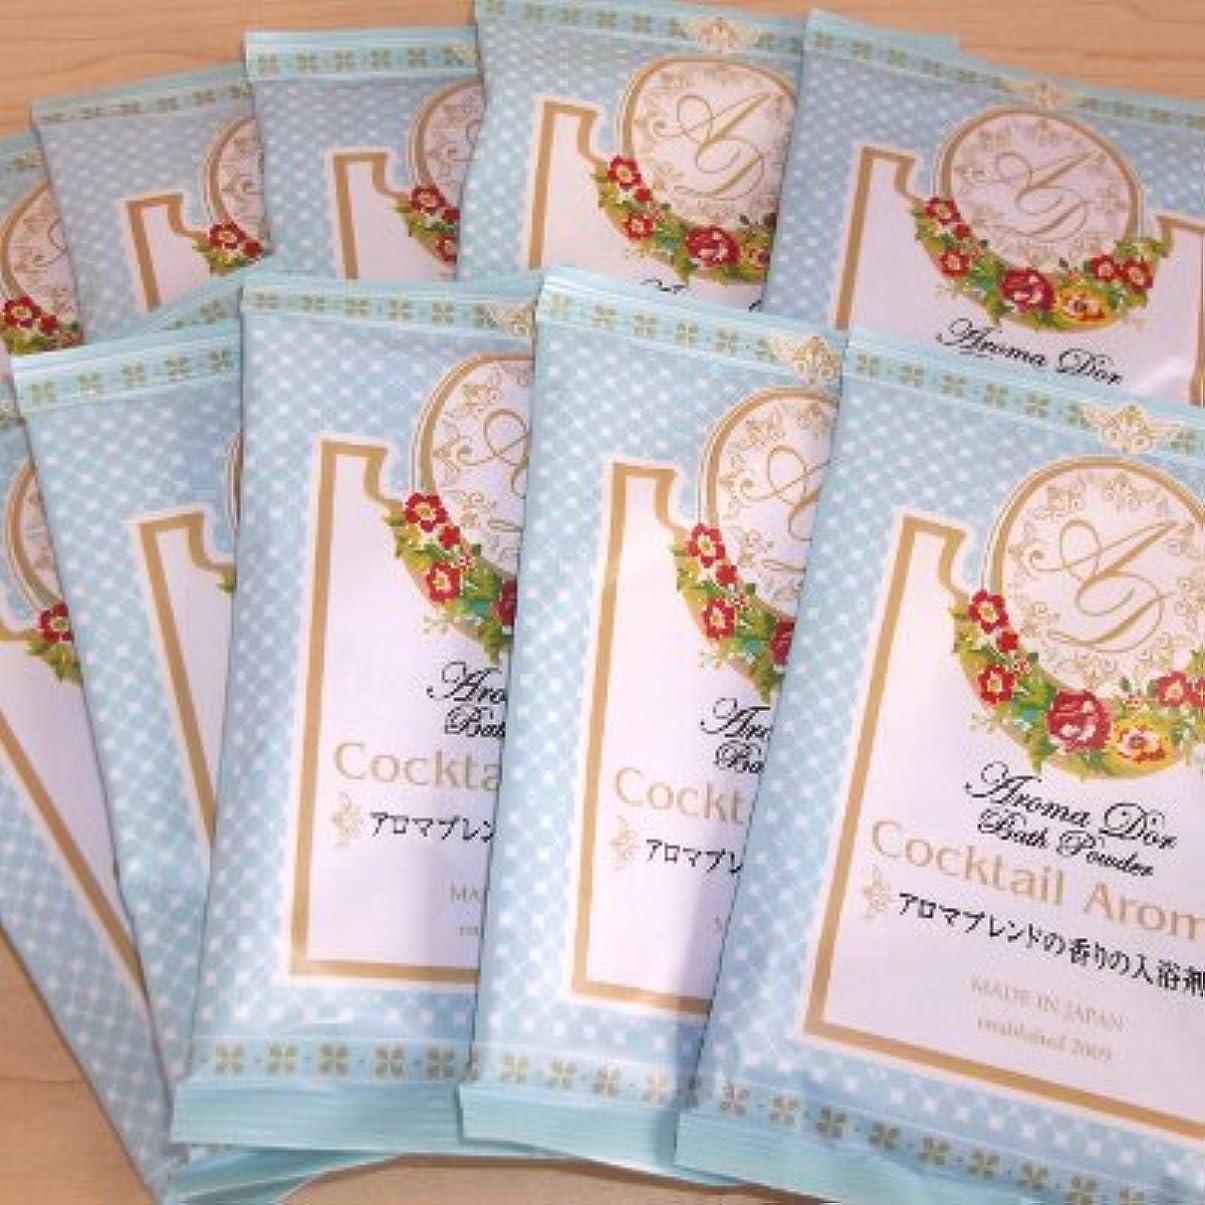 取り扱い自分自身しばしばアロマドール アロマブレンドの香り 10包セット